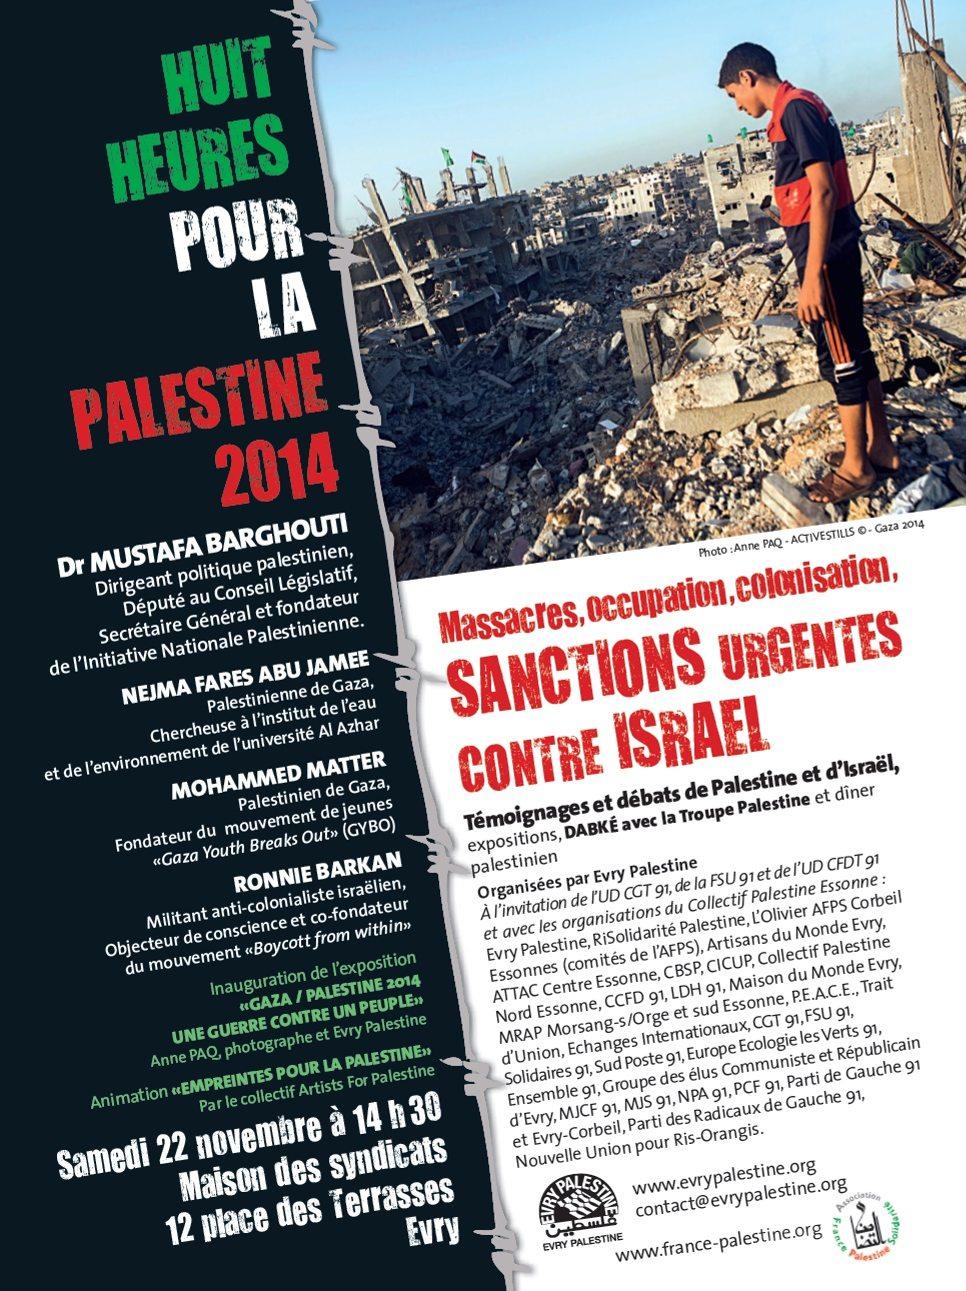 8 heures pour la Palestine Evry 22 novembre 2014